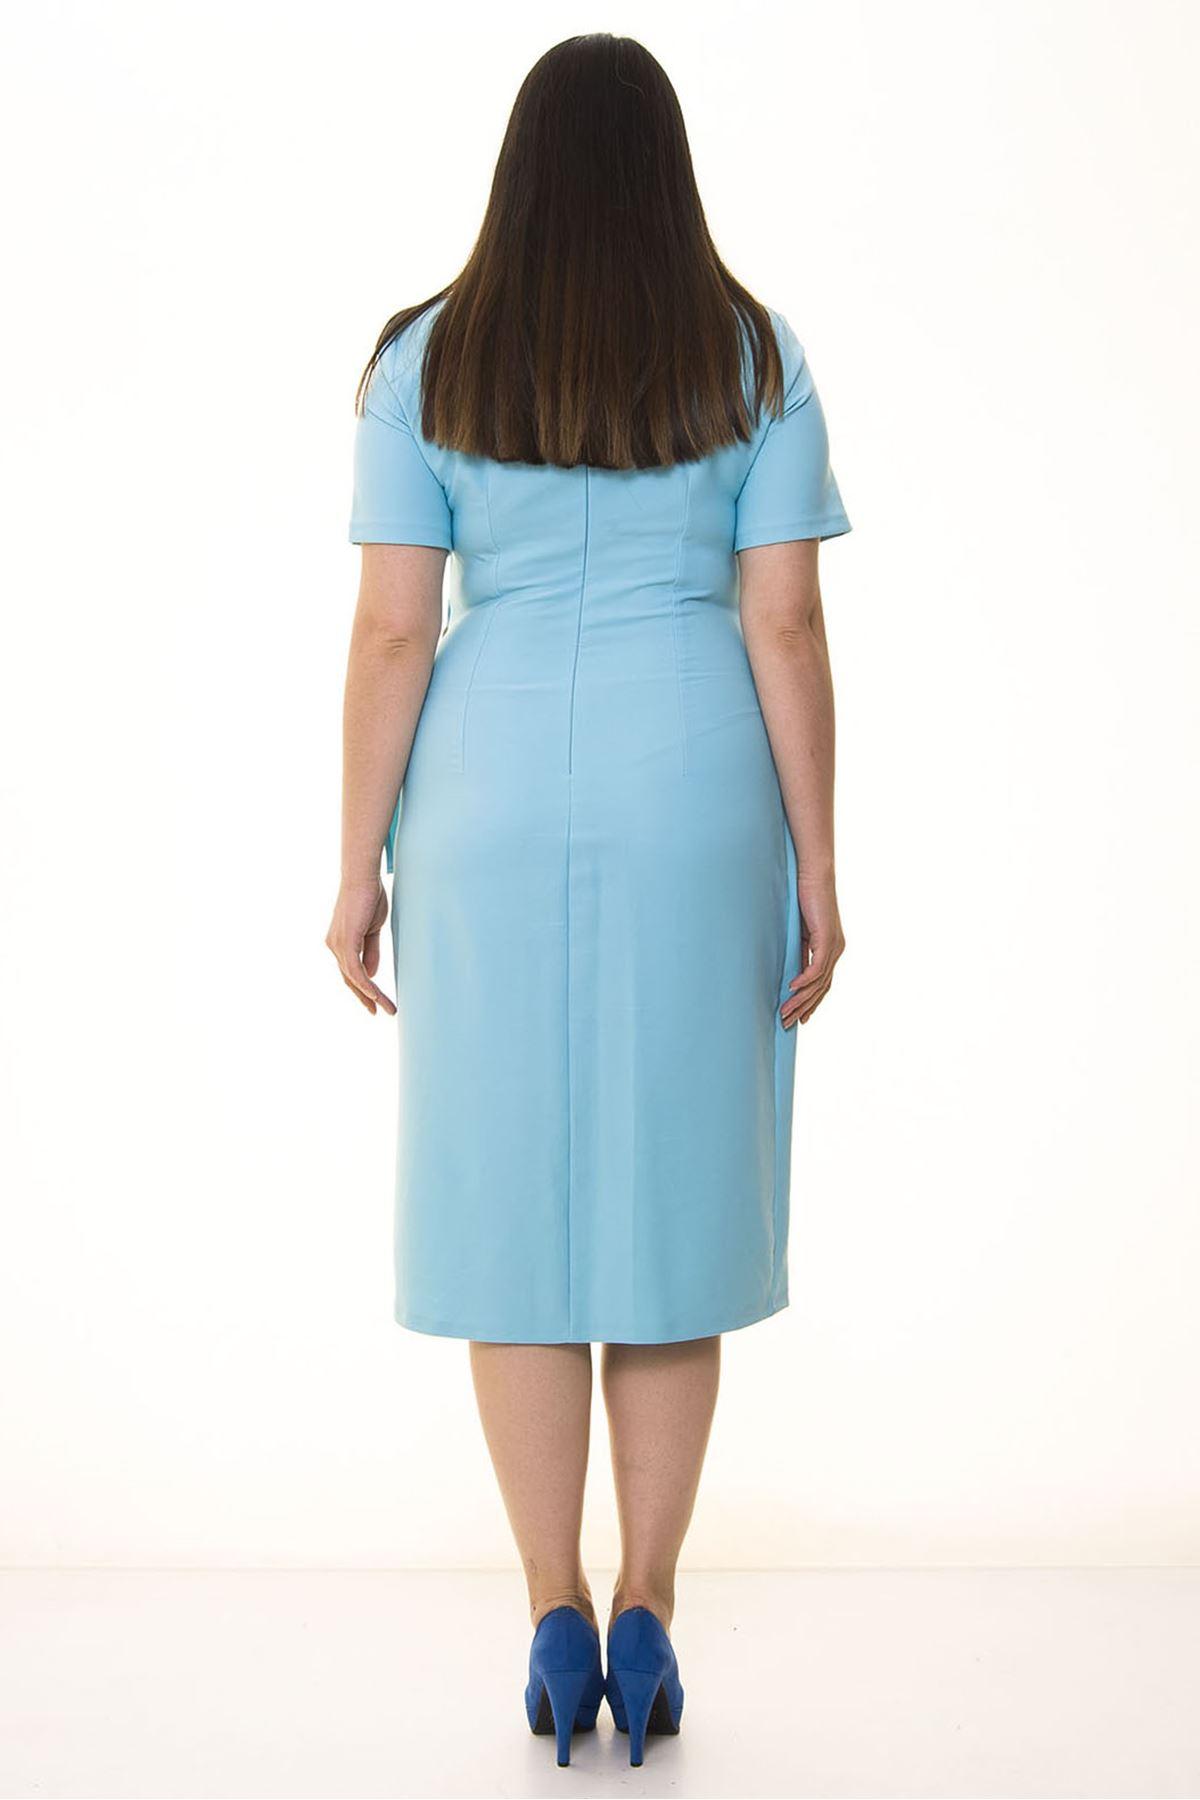 Kısakol Bel Detaylı Büyük Beden Elbise 16C-1330